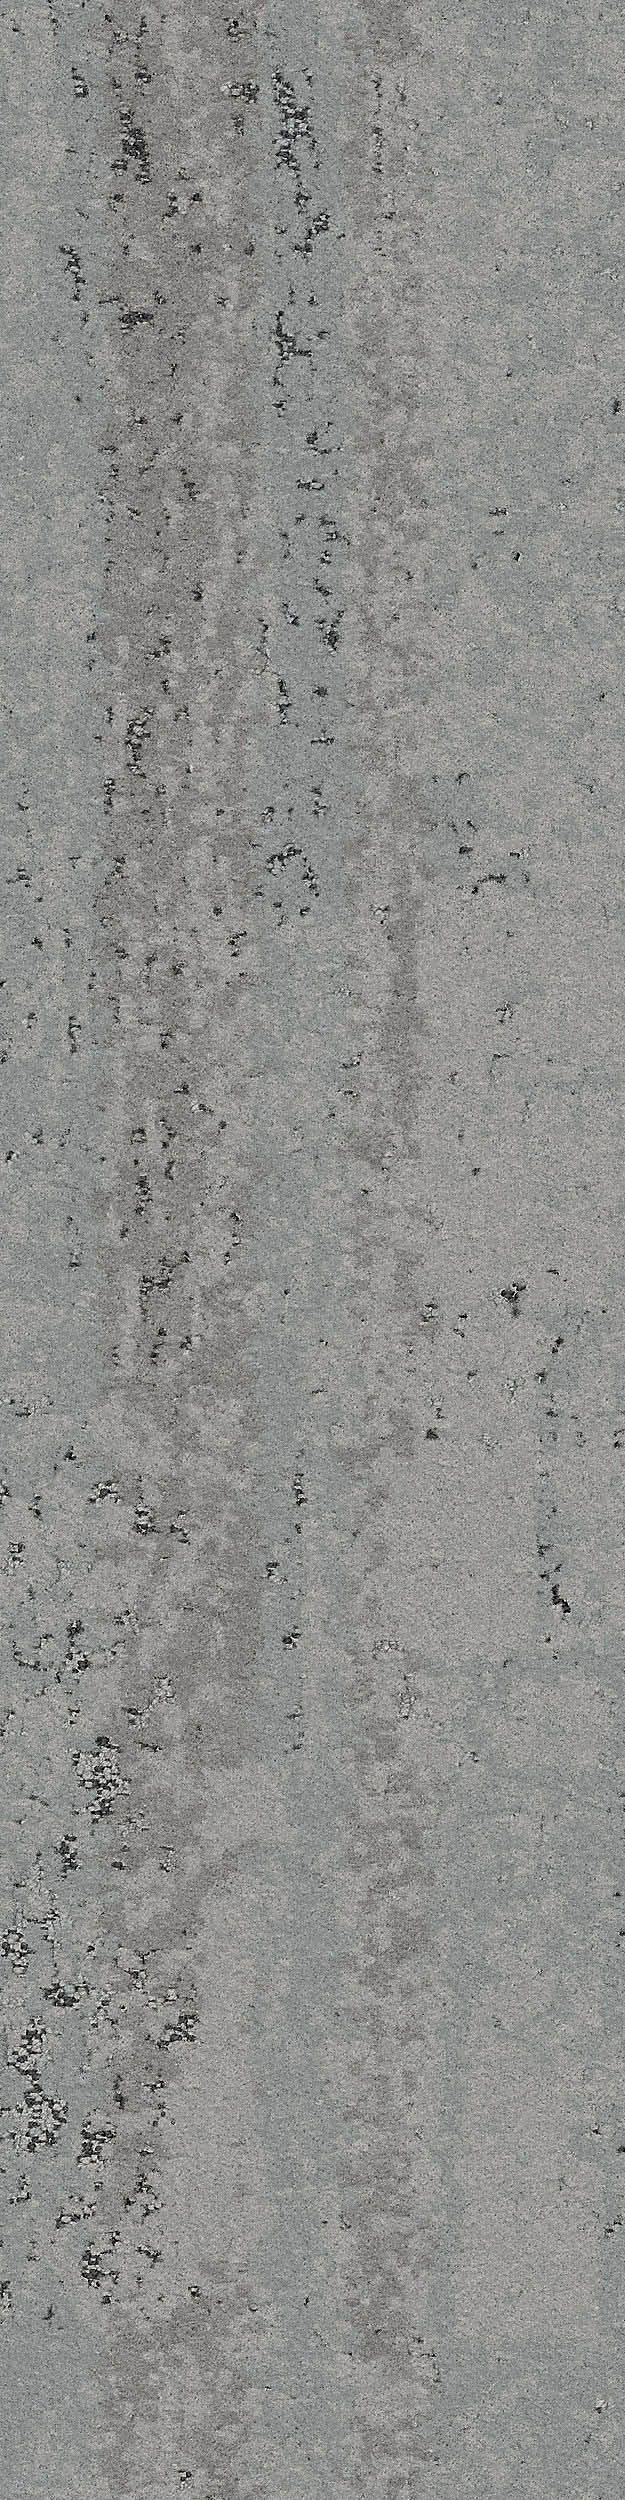 Interface Human Nature 810 Limestone 308054 Human Nature